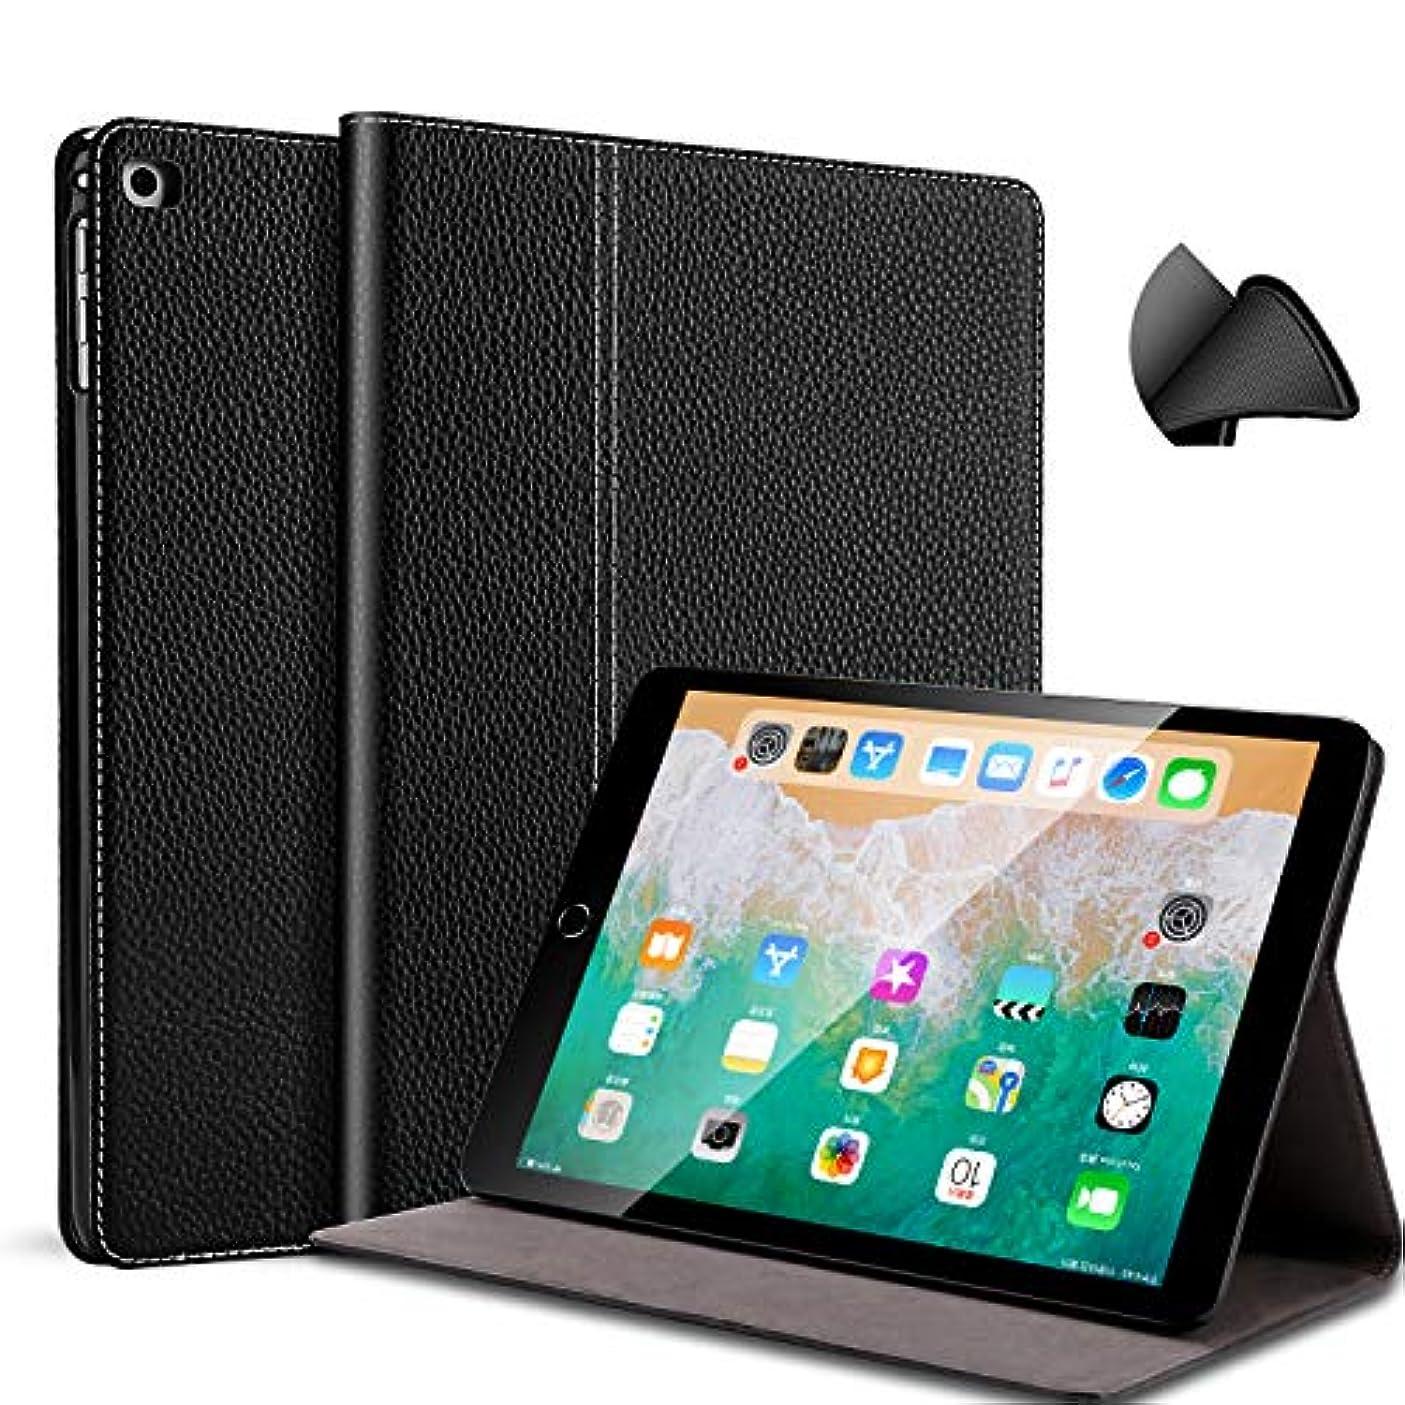 薄いです豊かなビジョンGexmil iPad 9.7インチ2018/2017革ケースは、iPad 6世代/5世代本革保護ケース、牛革ケース、iPad Air 2/iPad Airにも適用しています (Air / Air2 / iPad 2017 / iPad 2018用, ライチブラック)